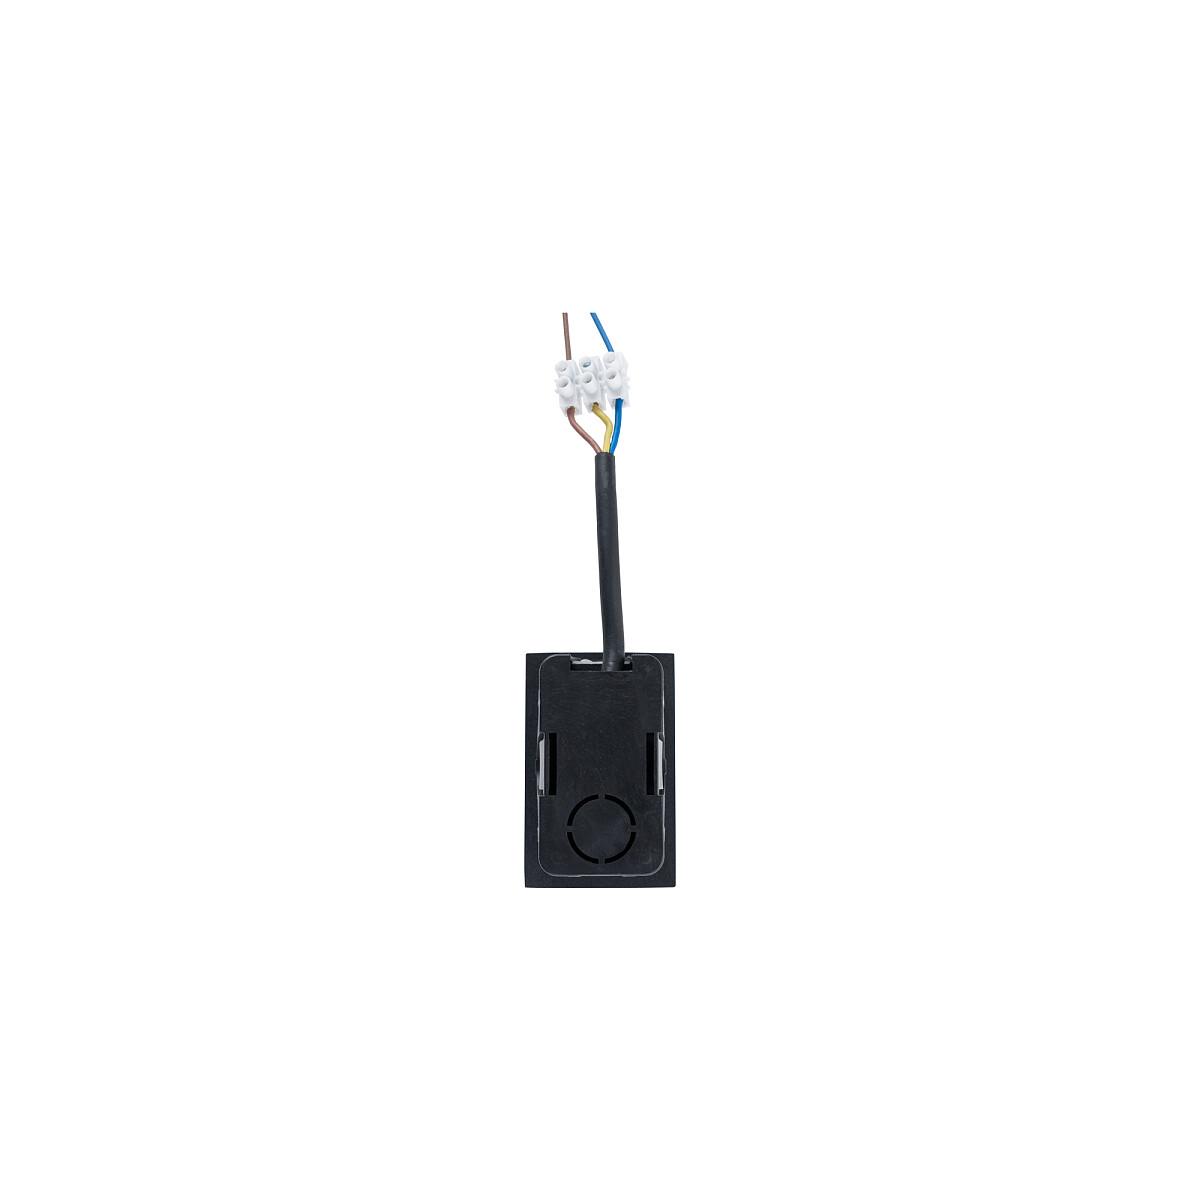 Nowodvorski TL-8164 Bay LED kültéri beépíthető lámpa